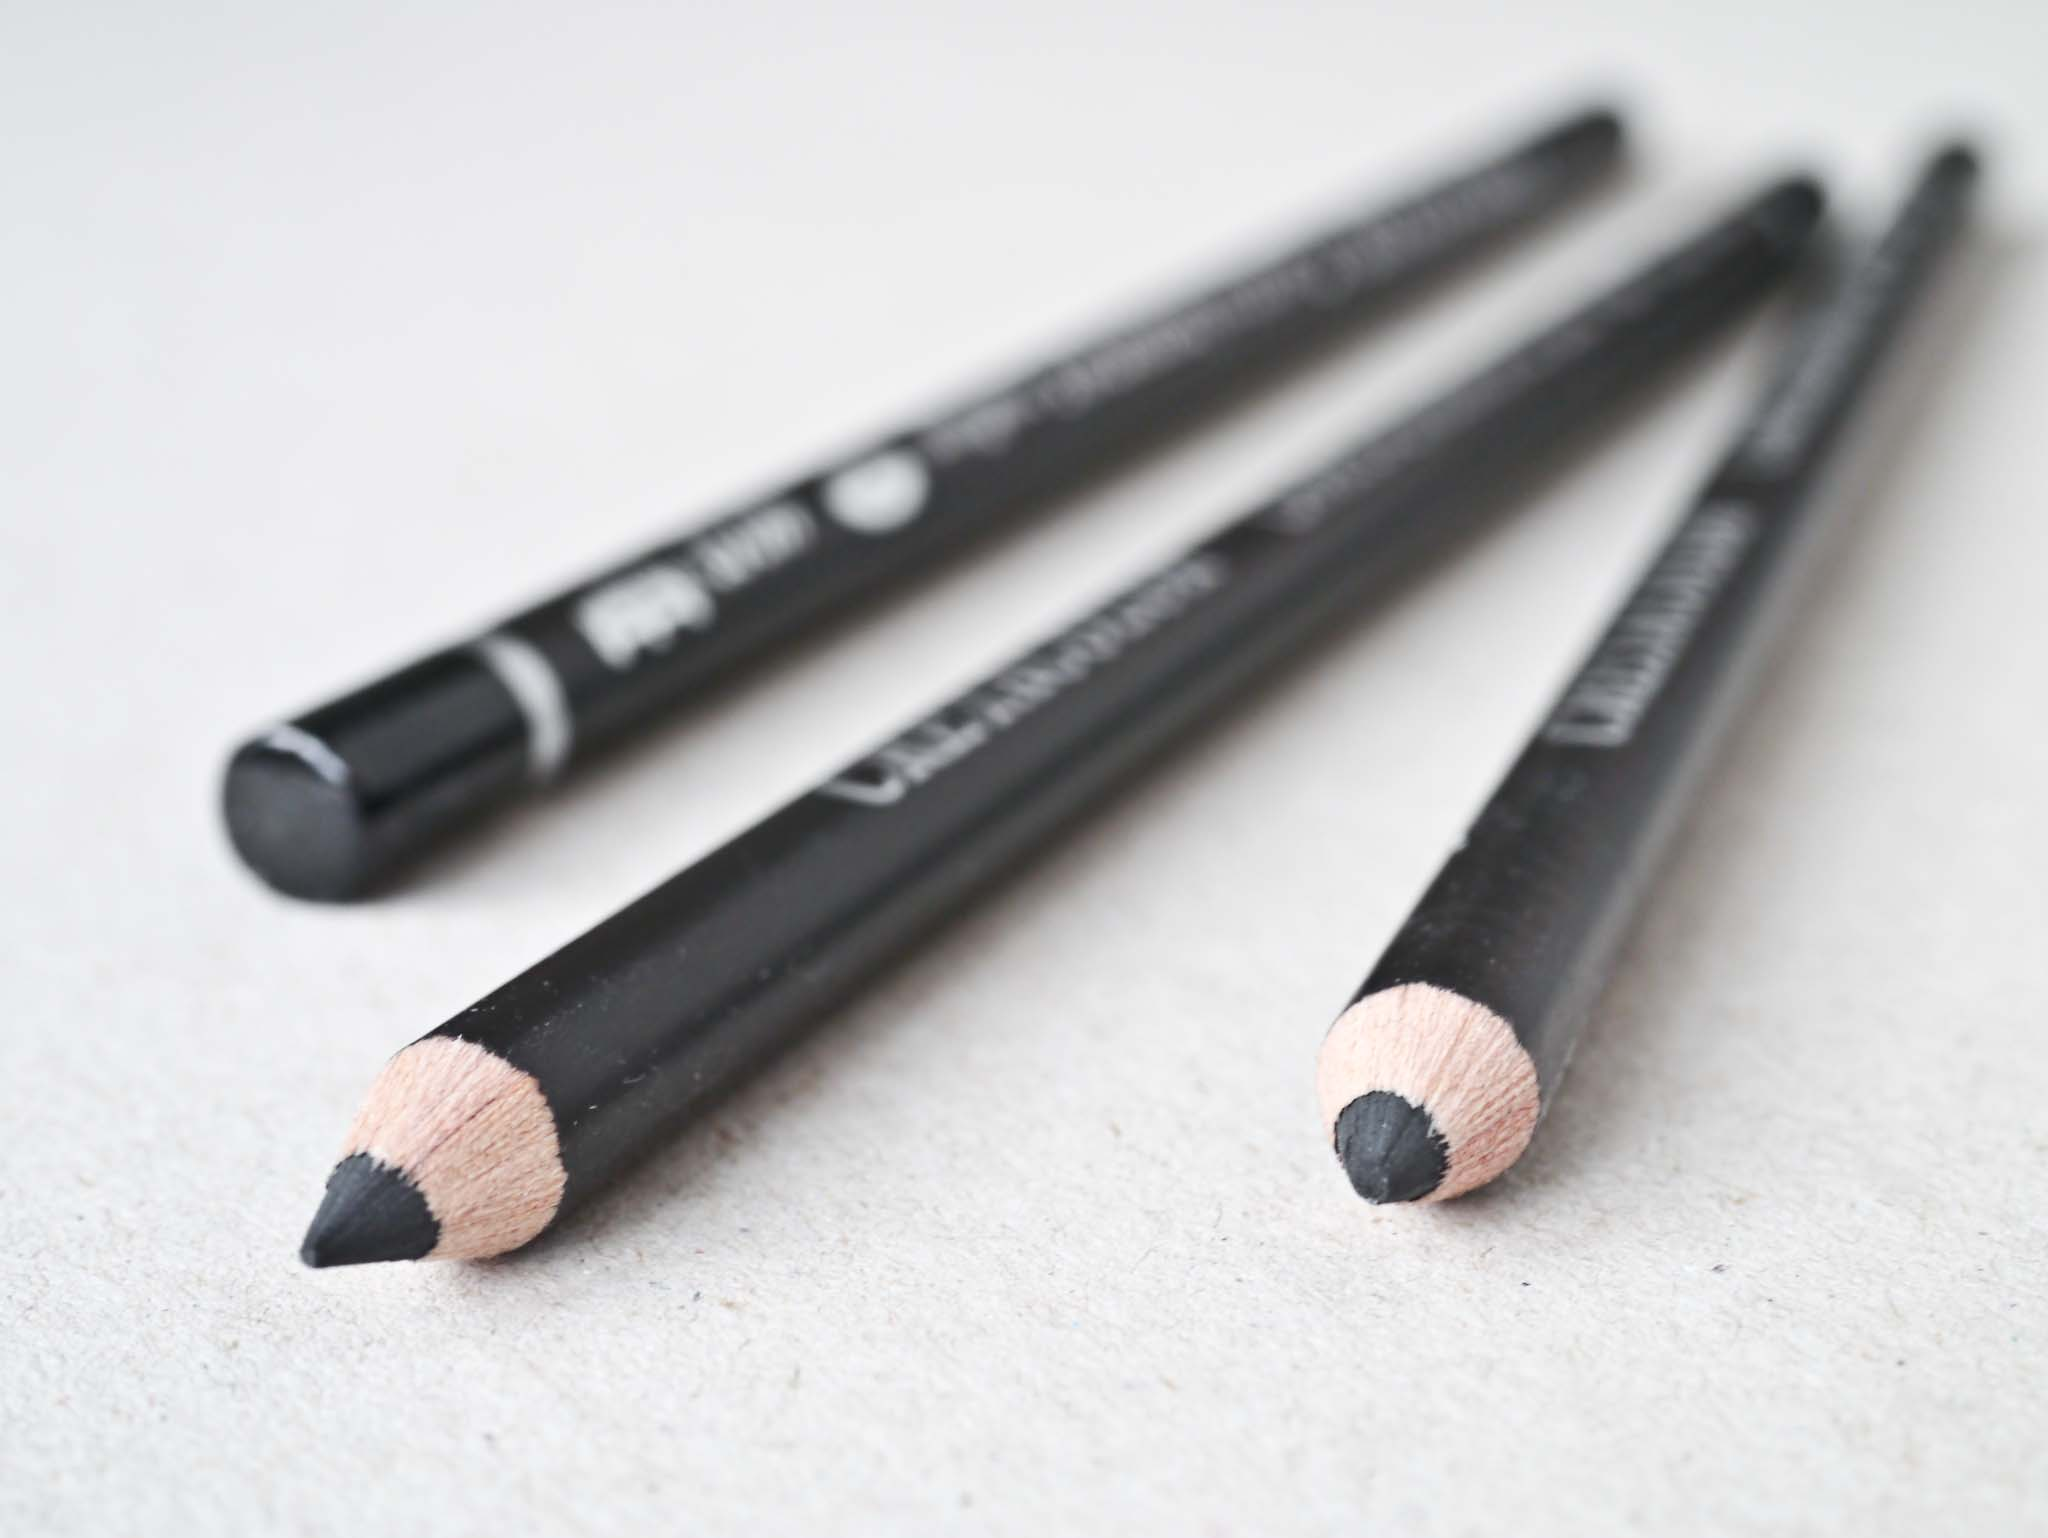 Cretacolor Kulblyanter Charcoal pencils